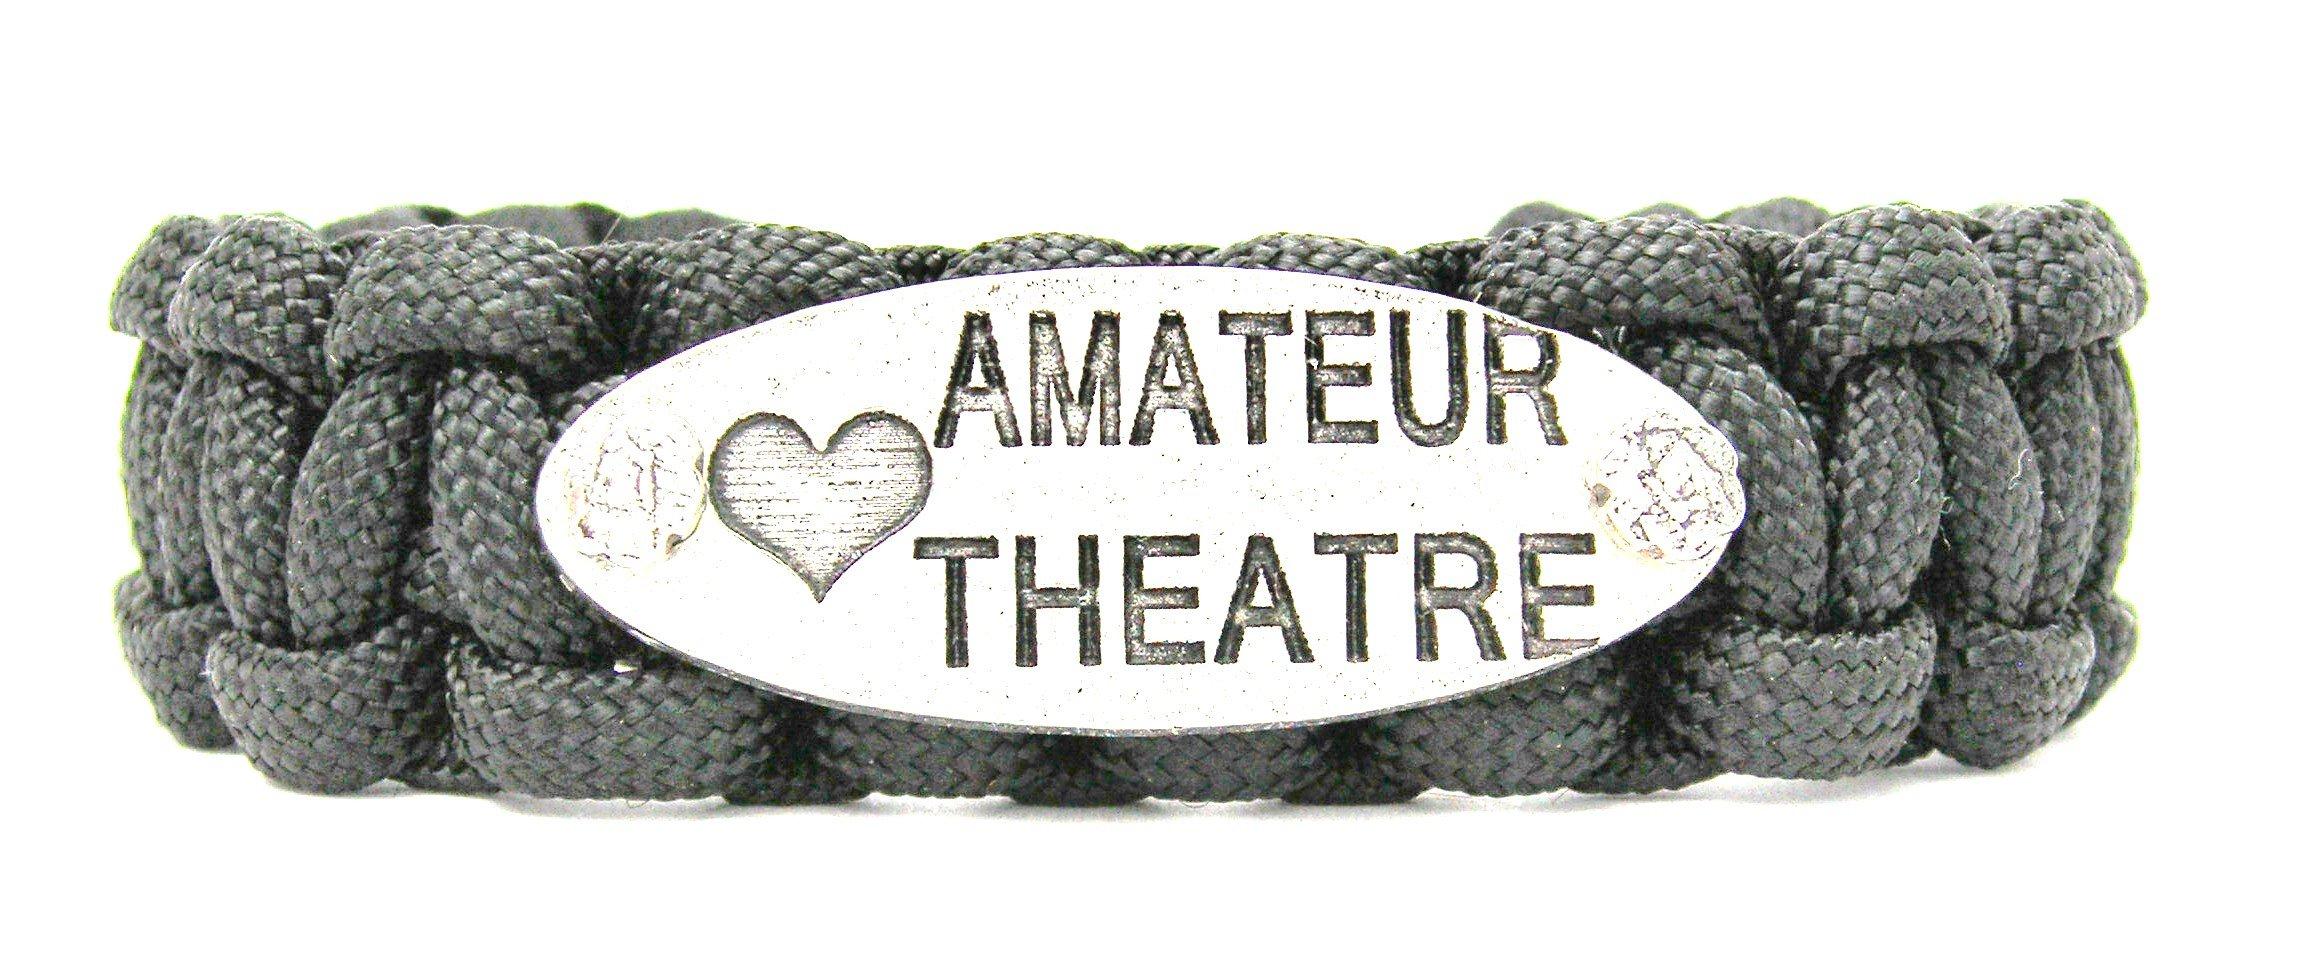 Amateur charms